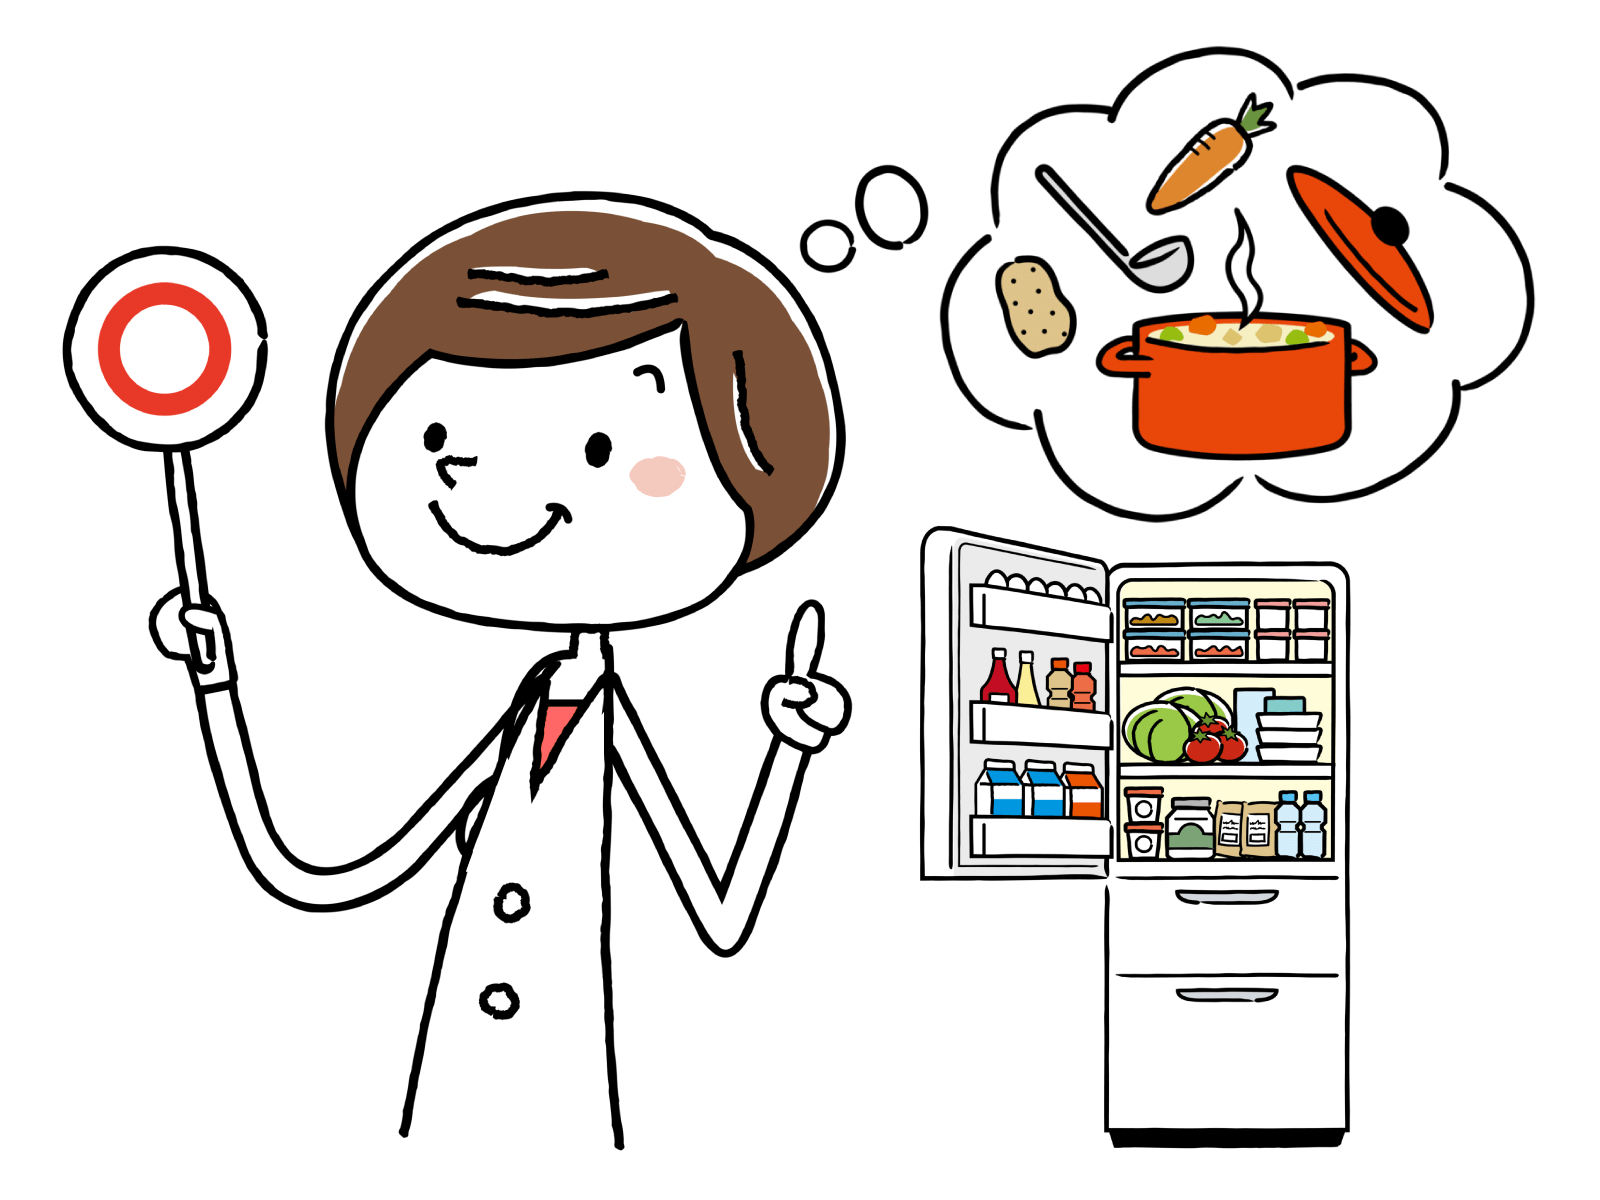 栄養士の受験資格、仕事内容、就職先についてのイメージイラスト